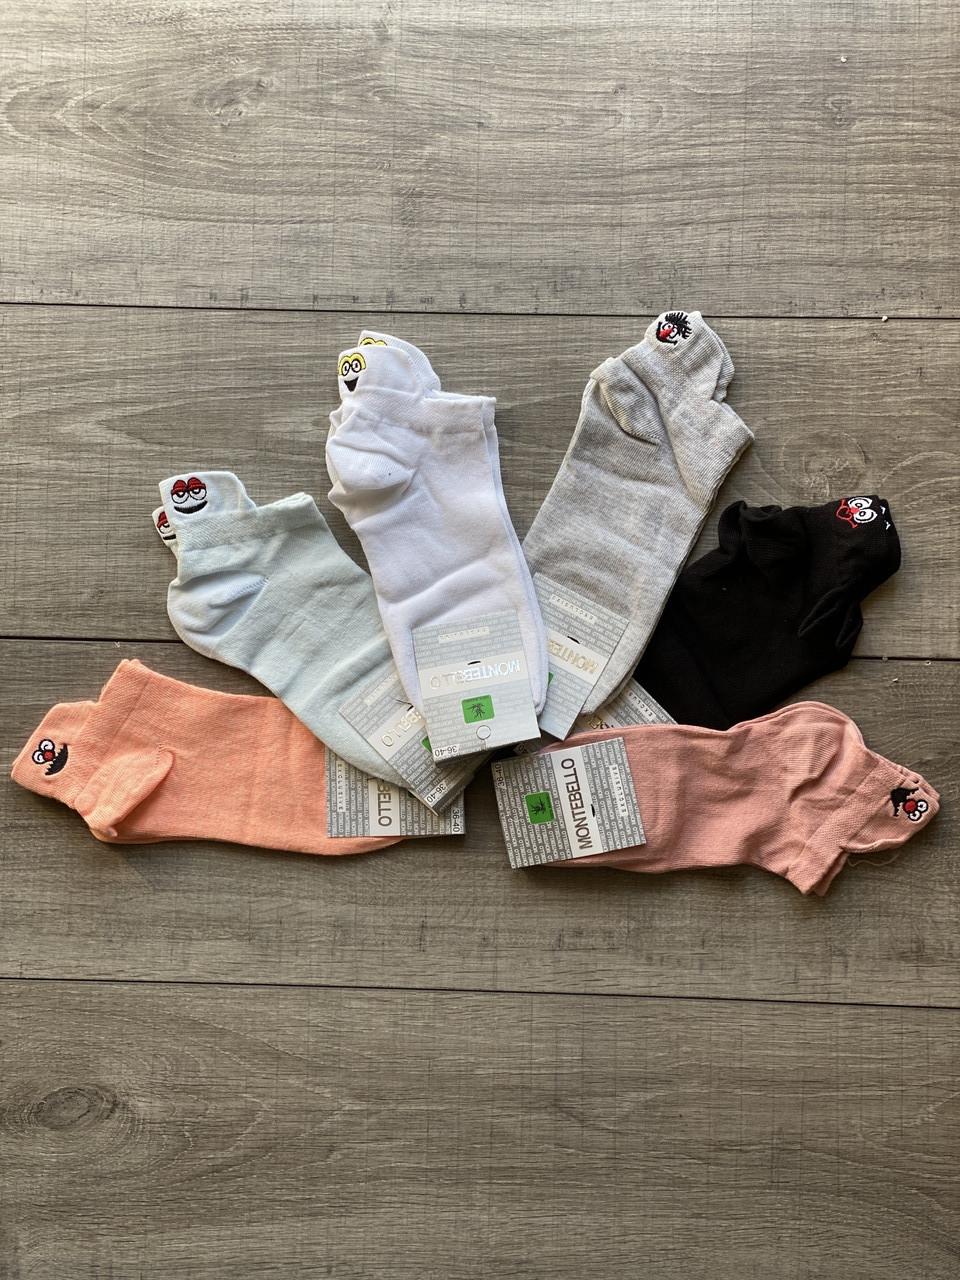 Жіночі короткі з вишитими смайликами шкарпетки однотонні бавовна Montebello 35-40 12 шт в уп мікс 6 кольорів